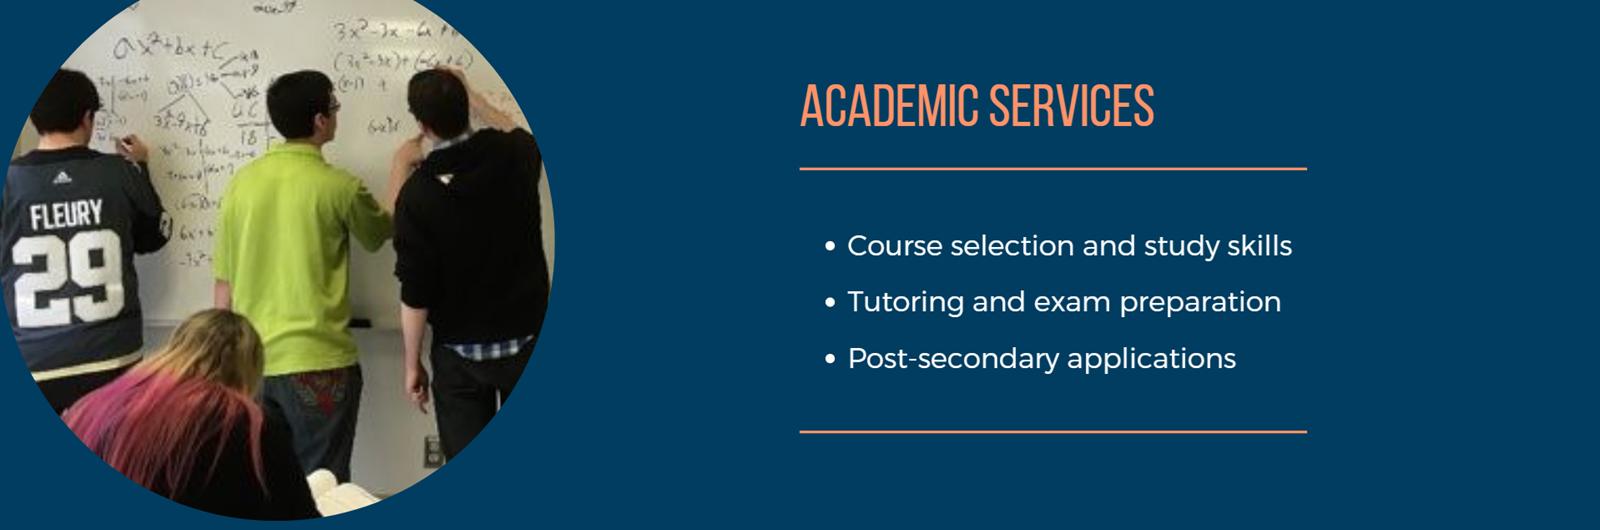 01 Academic Services BrJrys-1.png